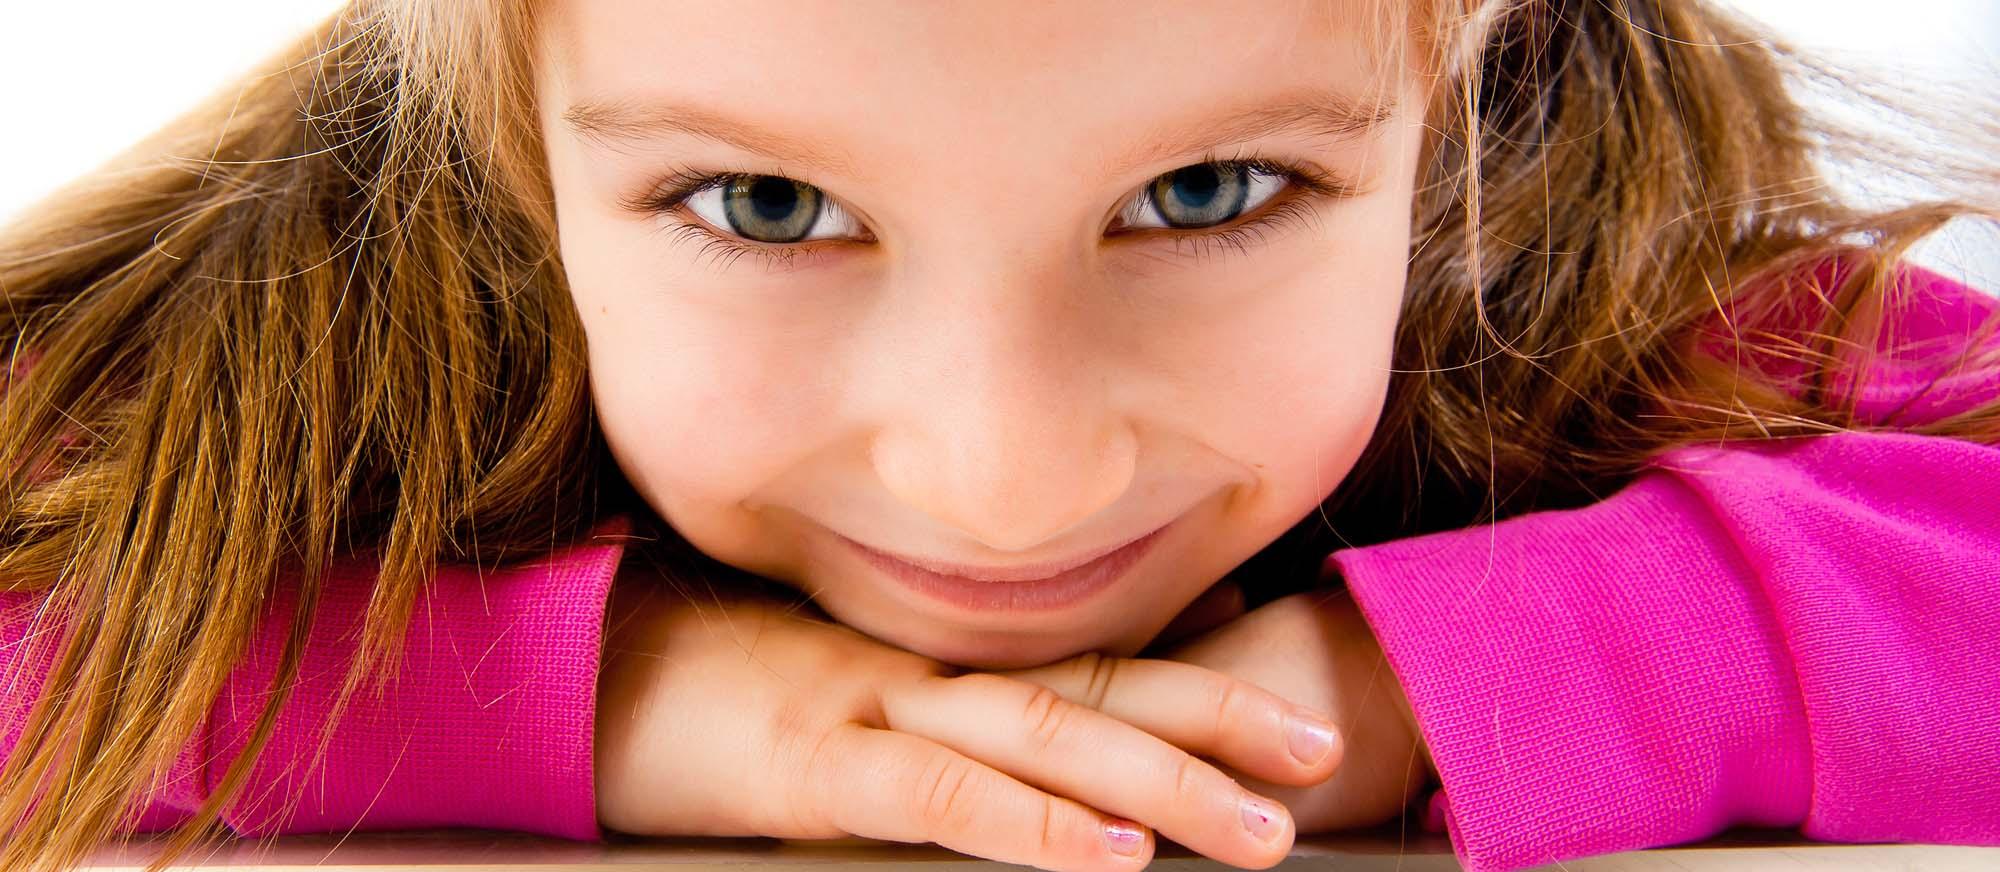 Børnetandplejen.dk - Vi bevarer smilet